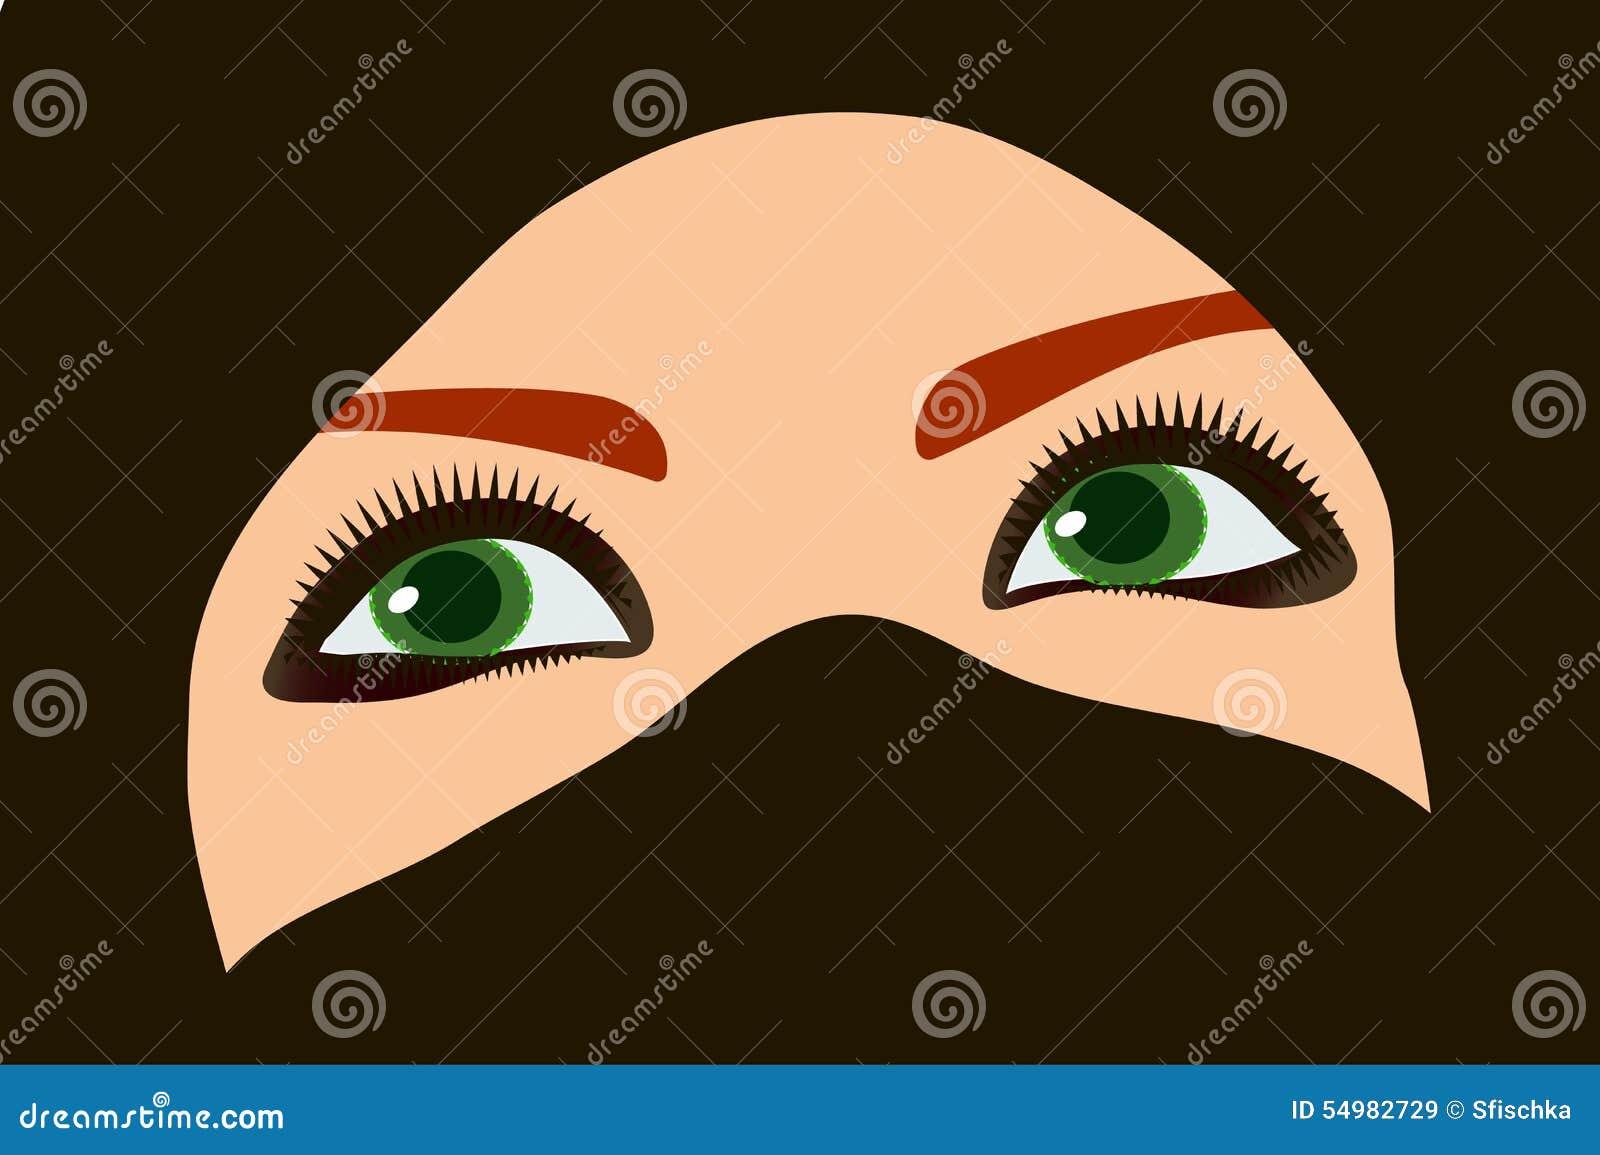 Orientalisches Mädchen mit grünen Augen